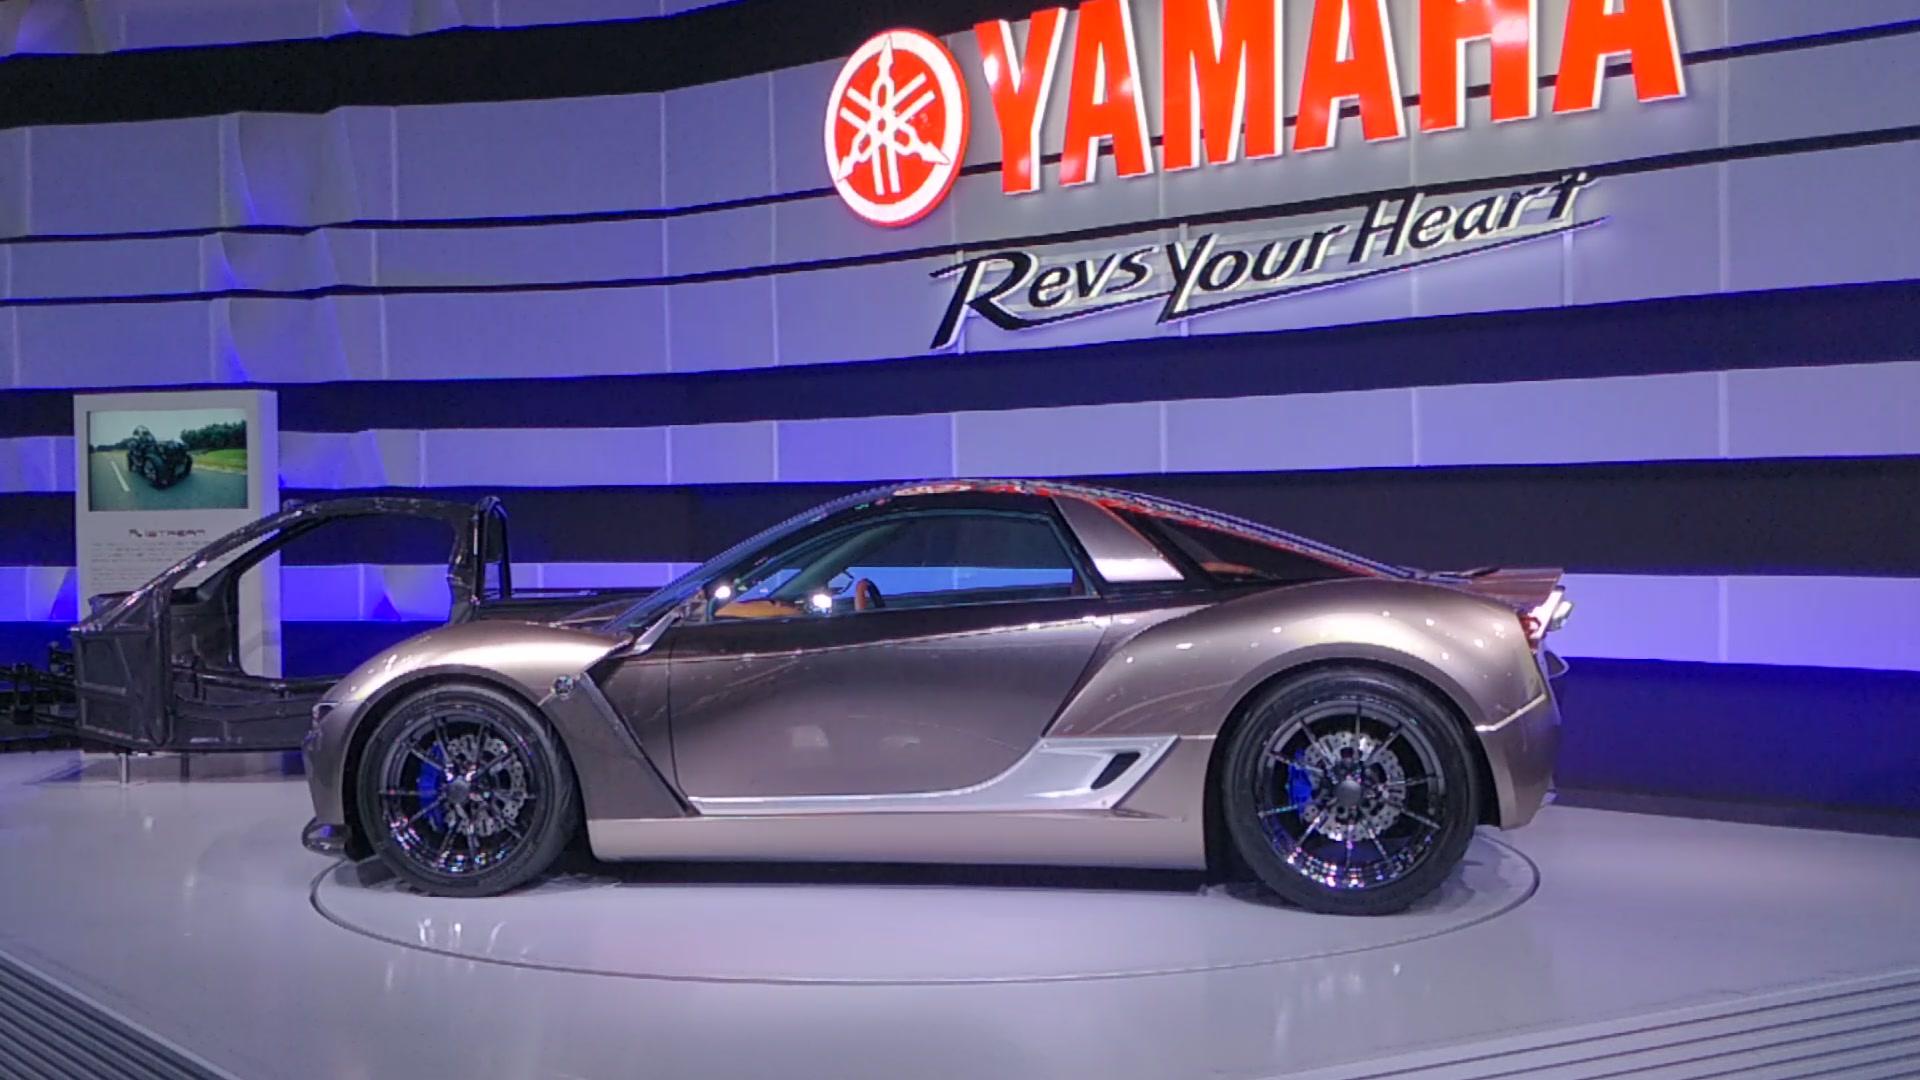 Daihatsu Copen sports car, Hatsune Miku Relocate Canbus bring the adorable